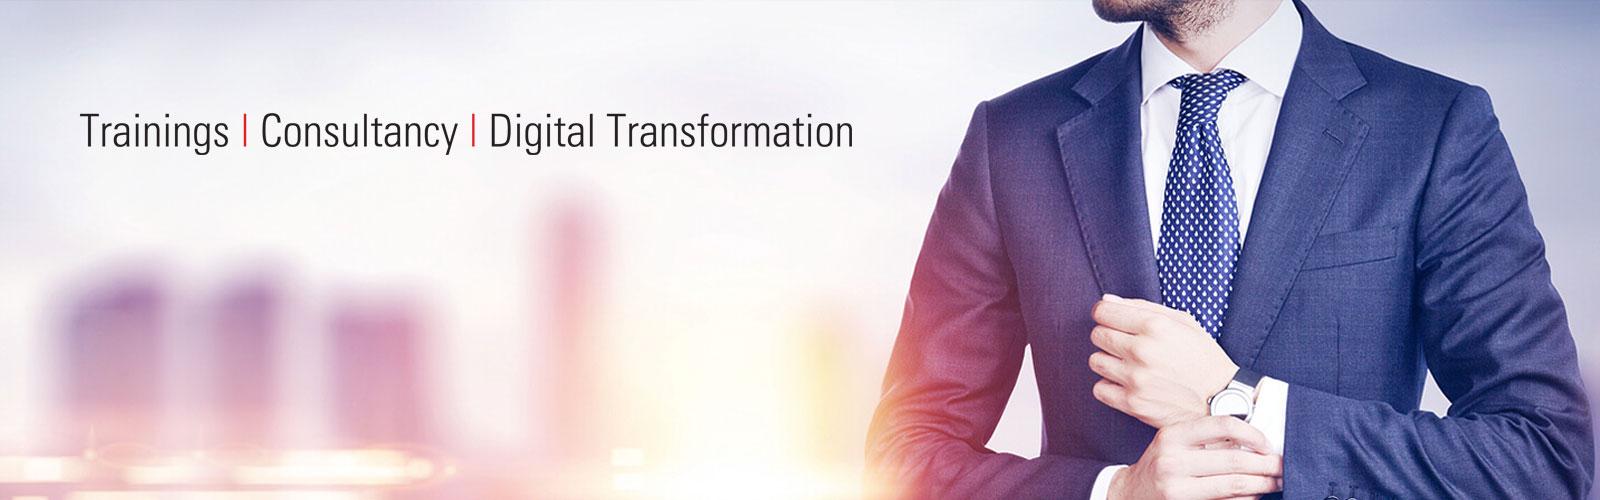 Octara – TCS | Trainings, Consultancy, Digital Transformation